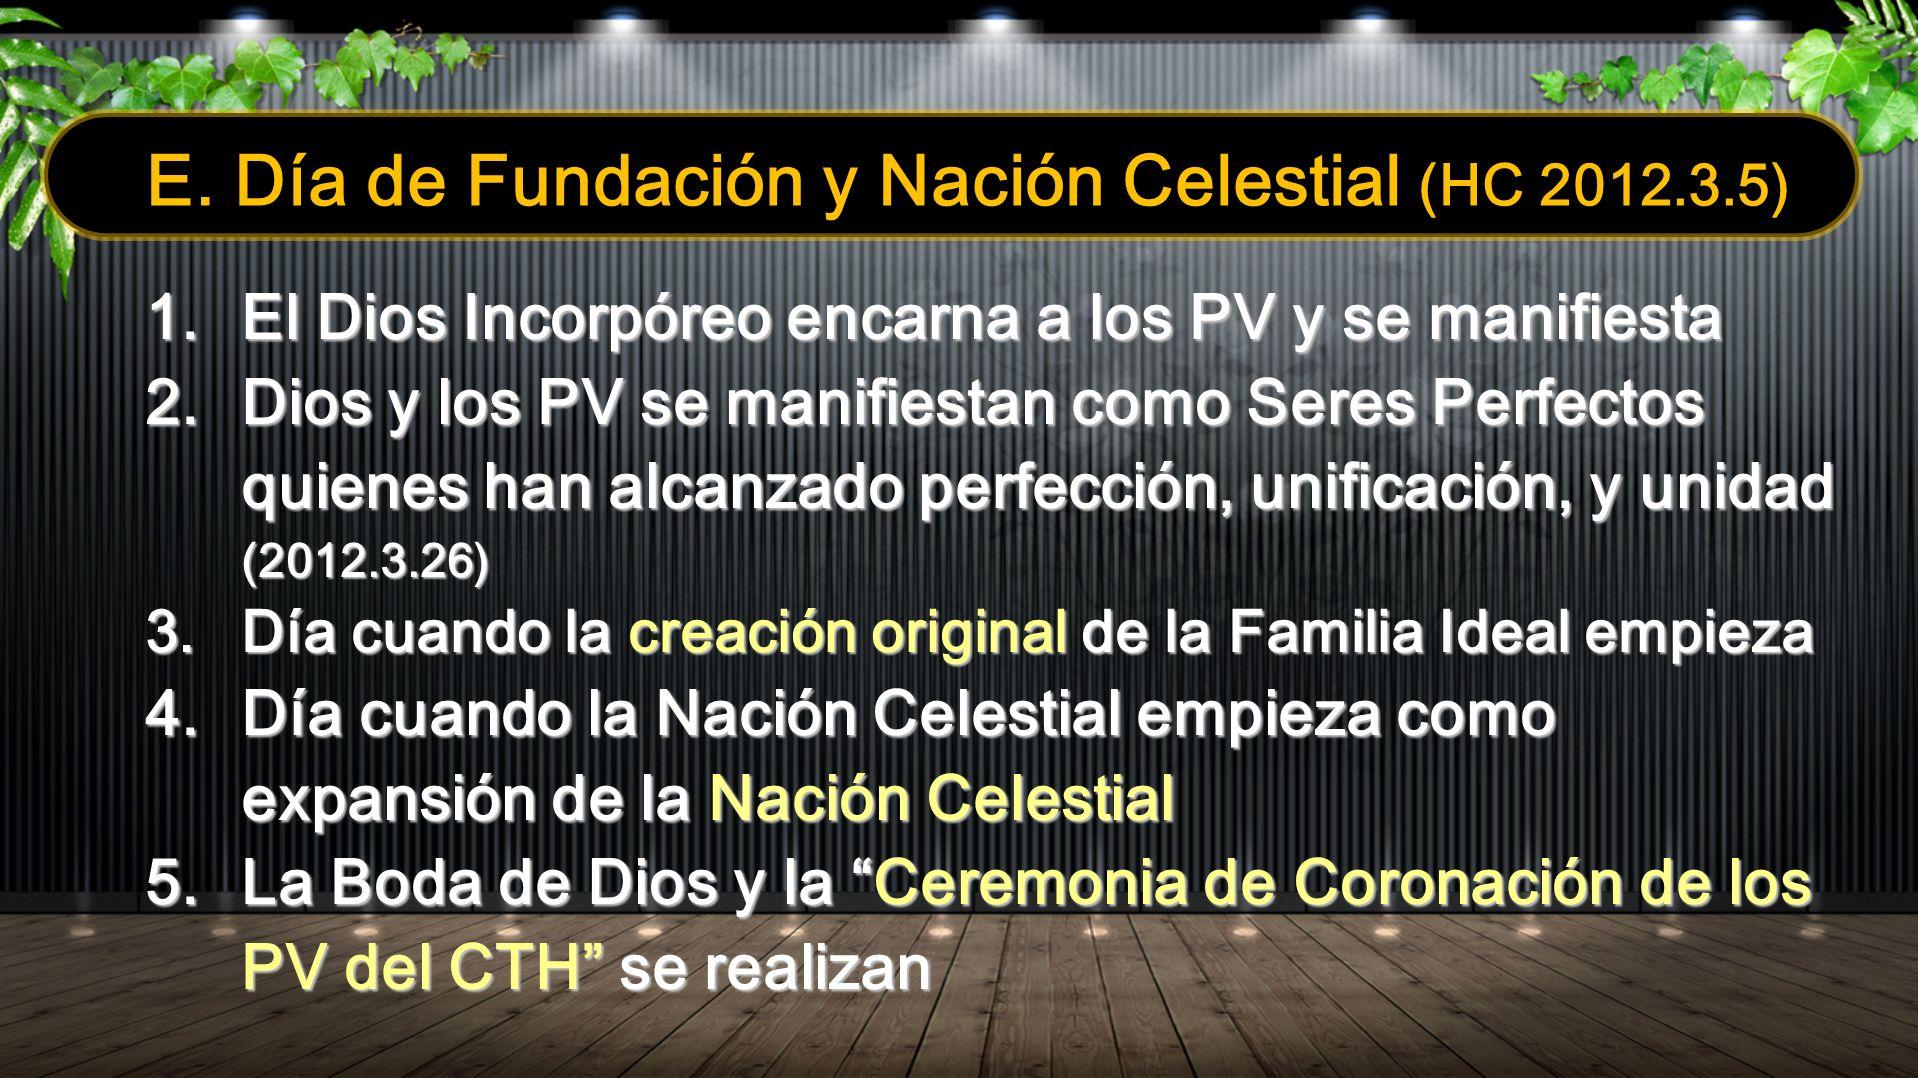 E. Día de Fundación y Nación Celestial (HC 2012.3.5)